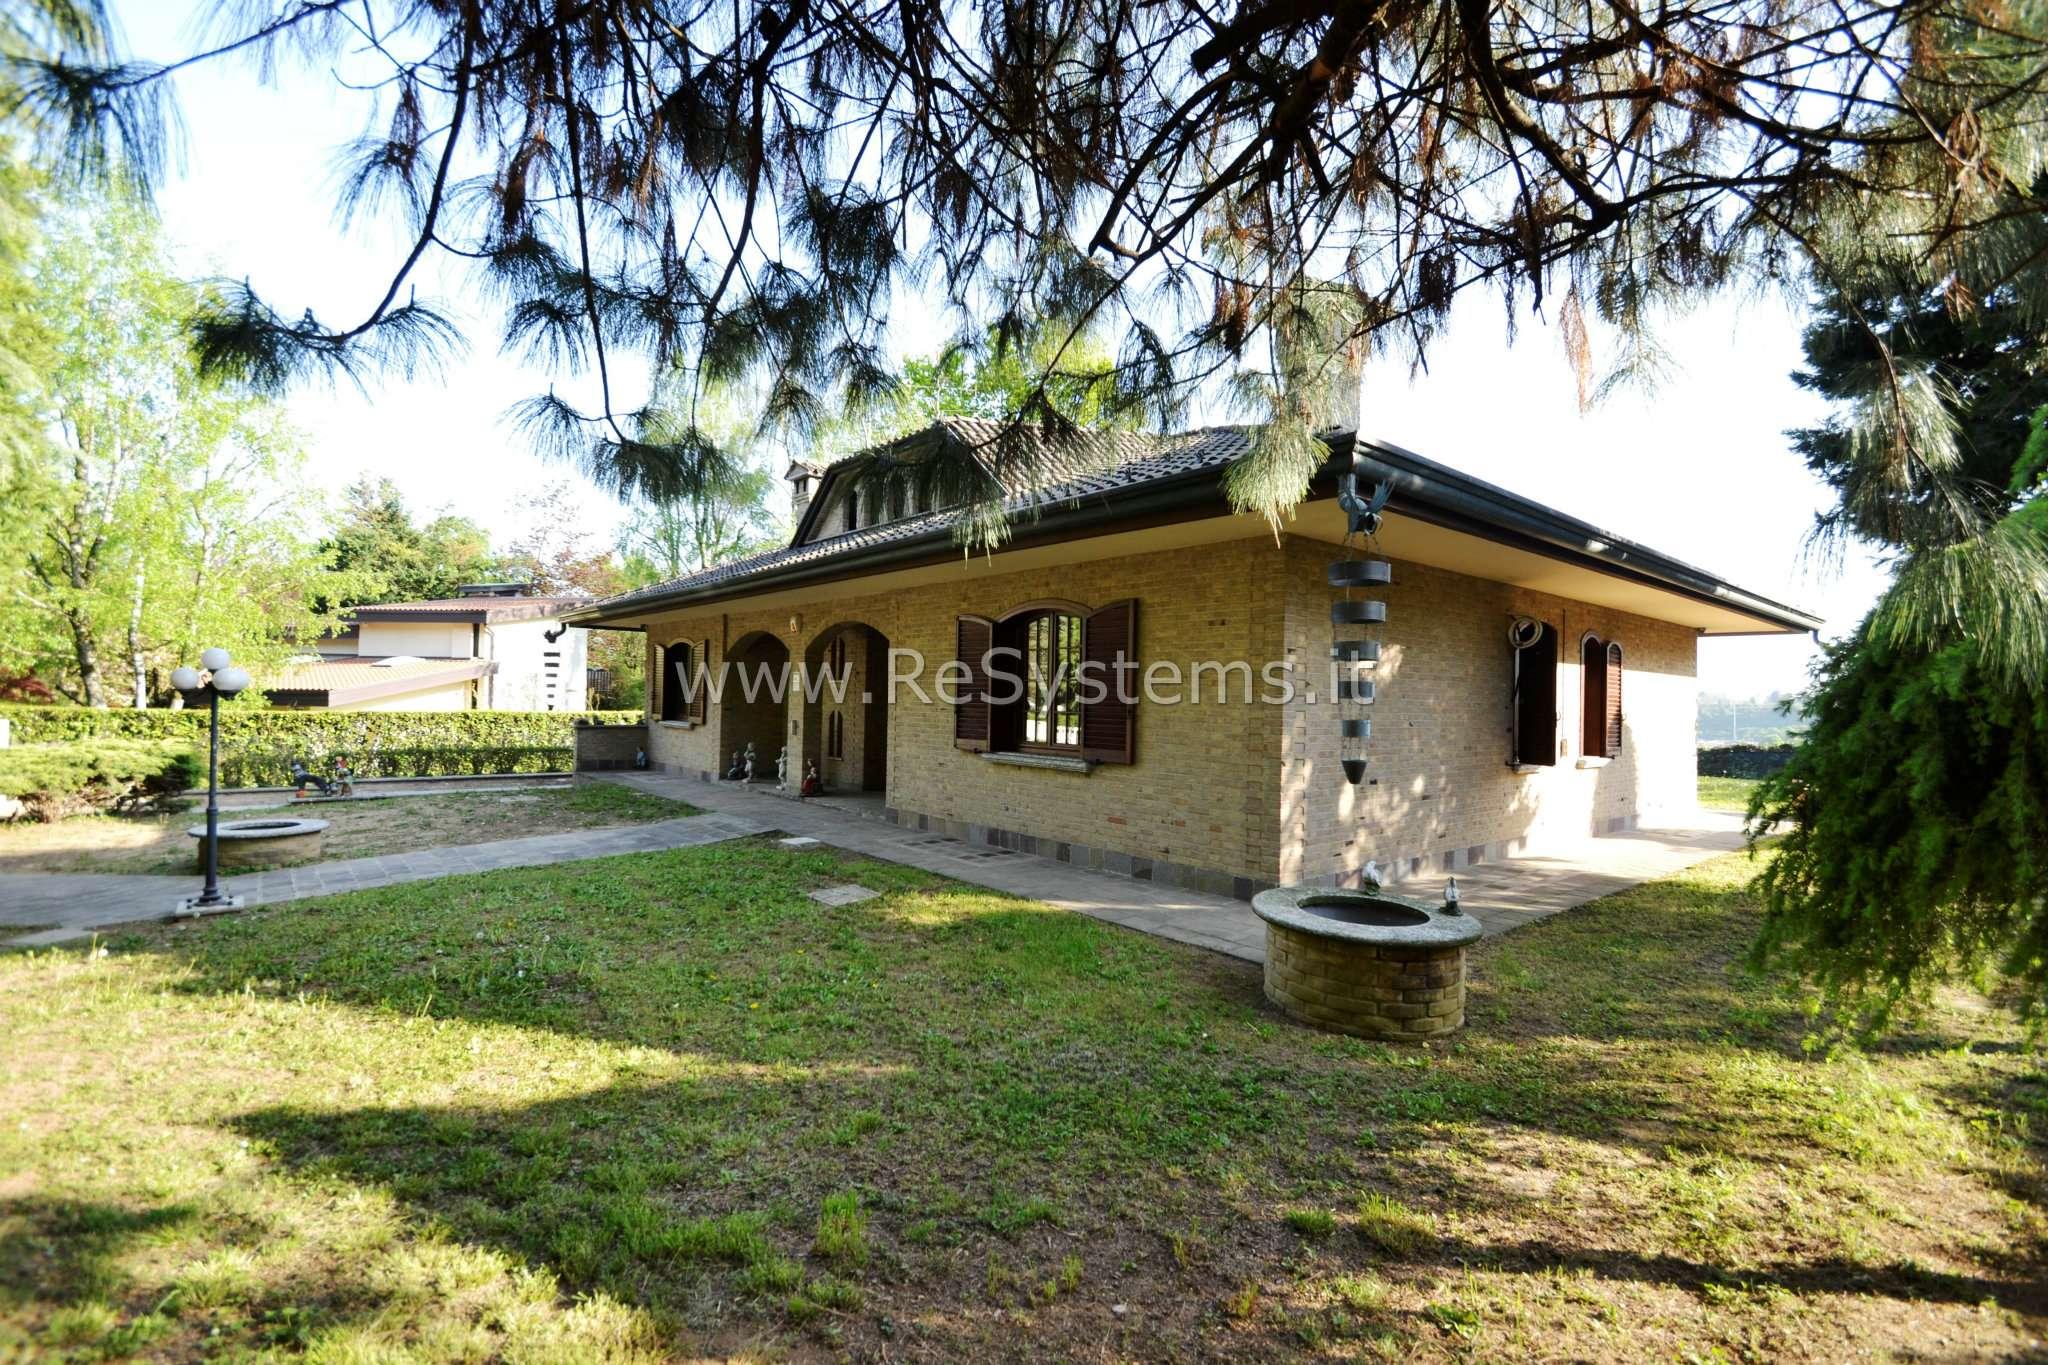 Villa in vendita a Carimate, 5 locali, prezzo € 790.000 | PortaleAgenzieImmobiliari.it